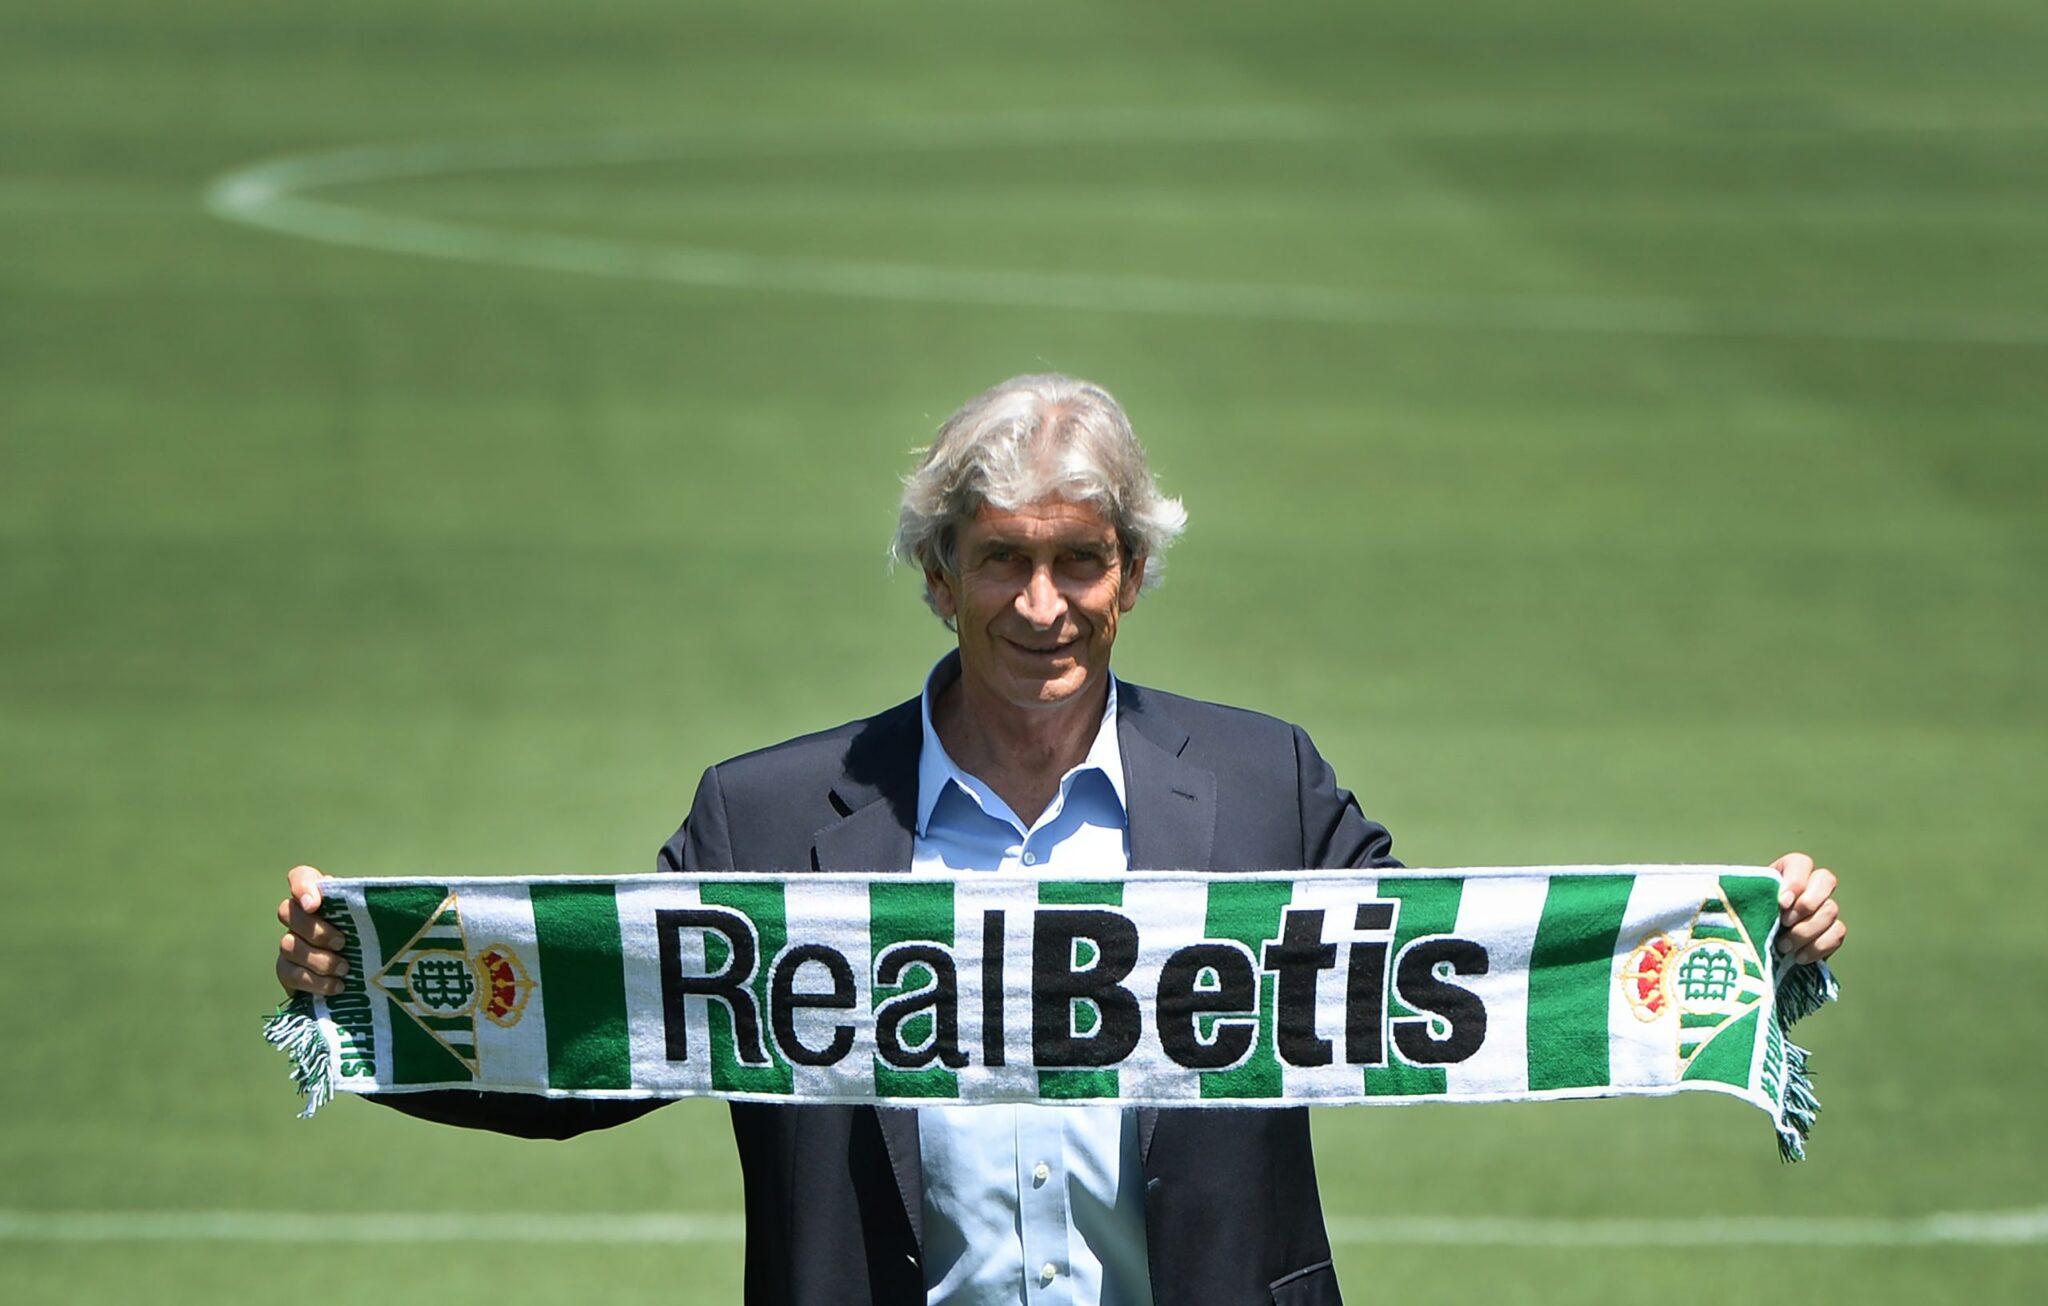 Real Betis e Pellegrini em busca do equilíbrio necessário